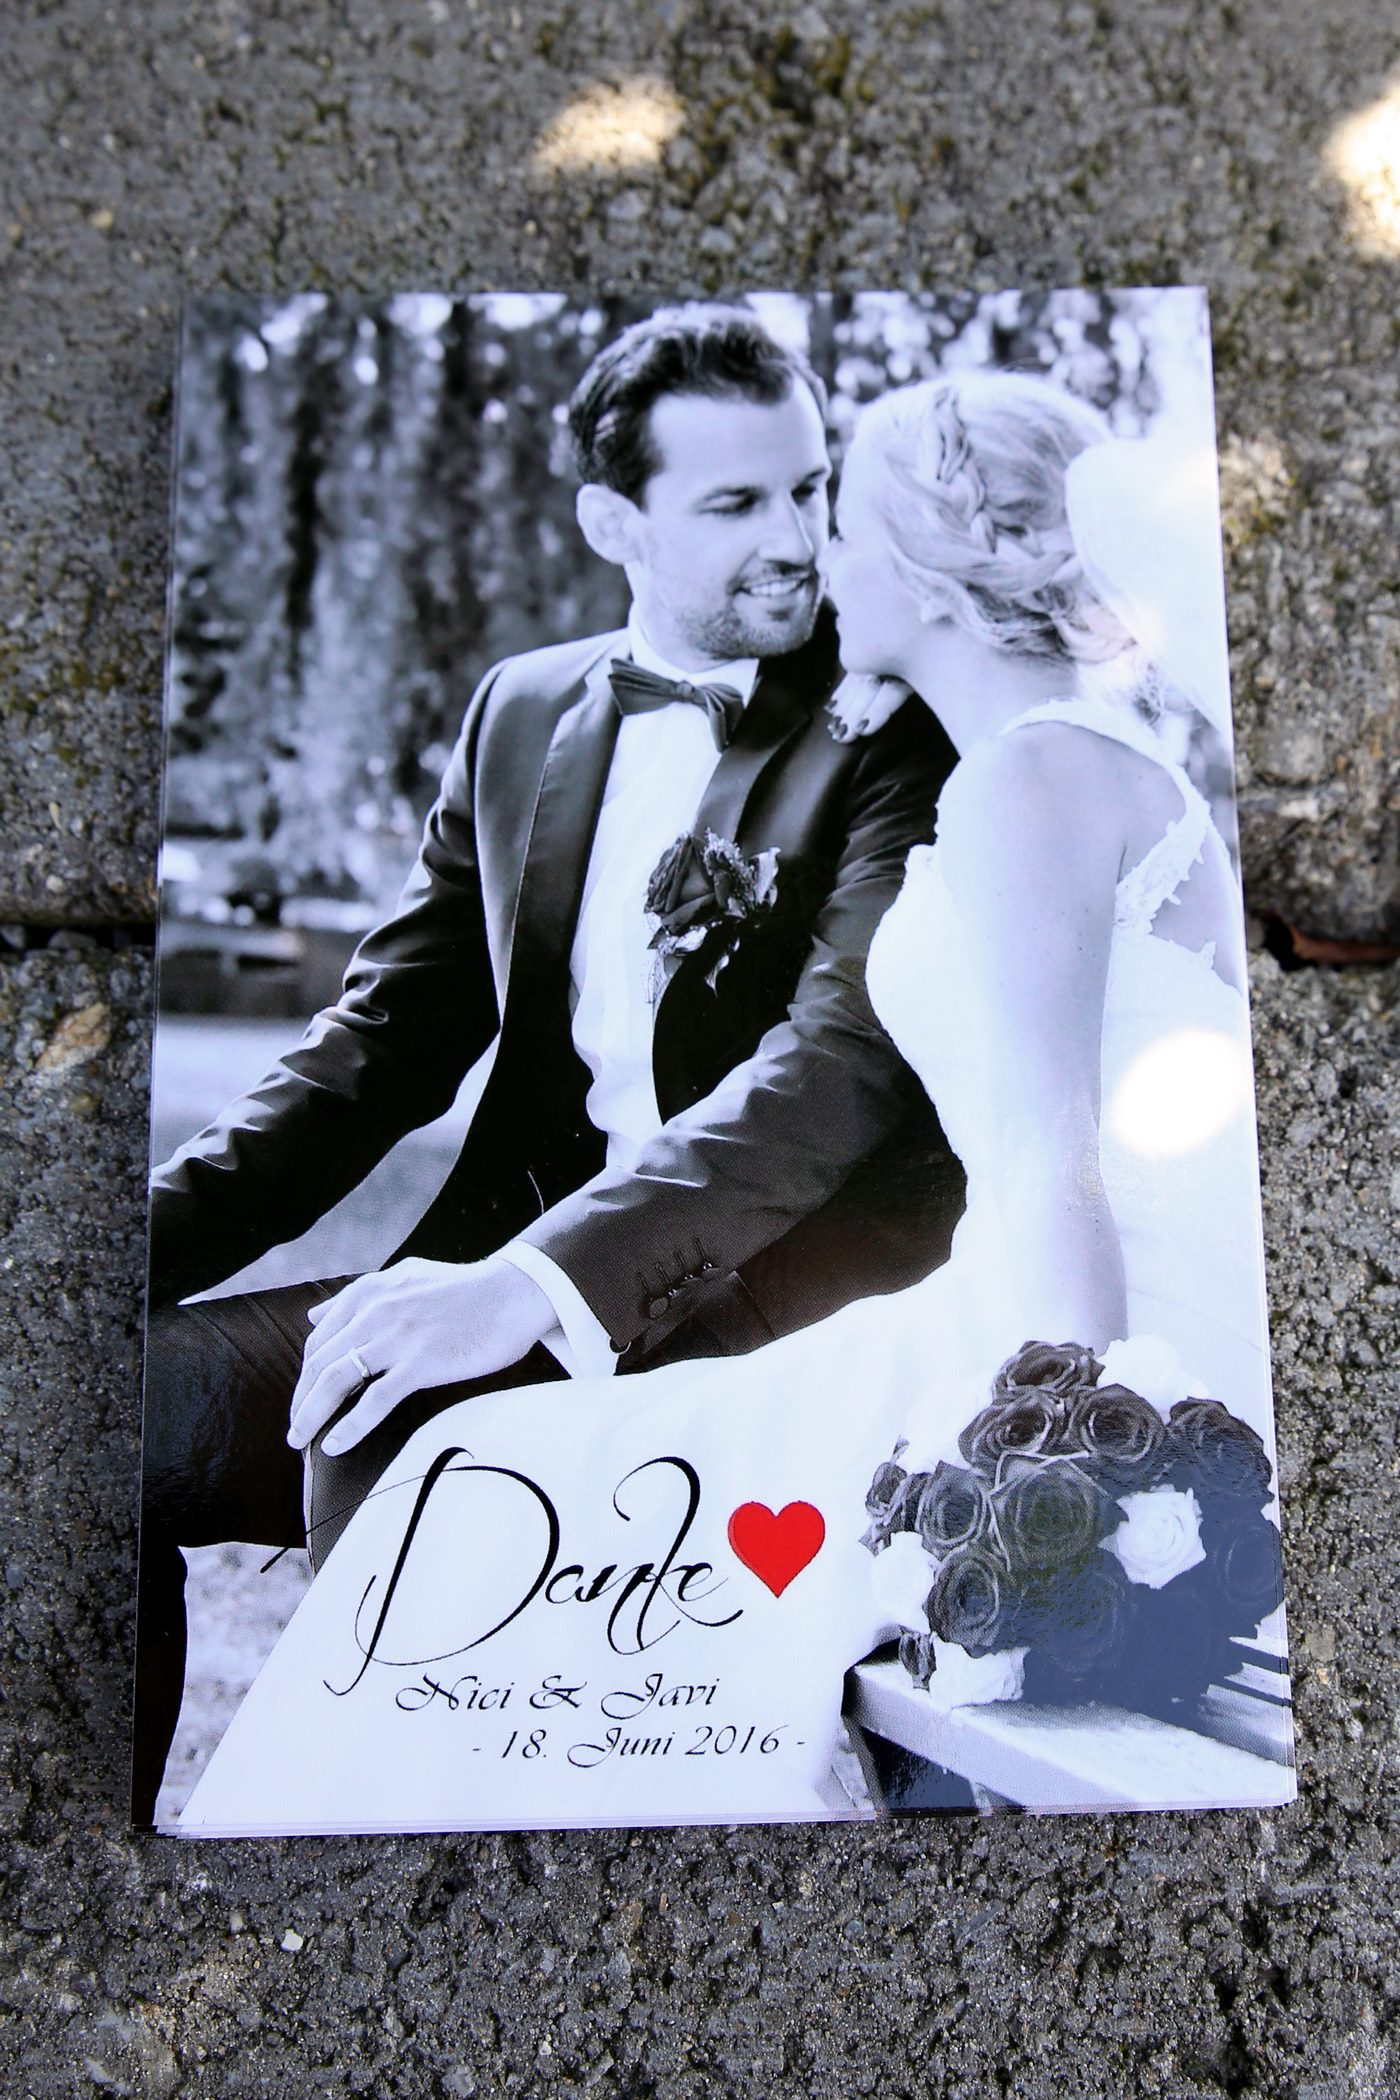 Dankeskarte zur Hochzeit als Postkarte in schwarz-weiß auf Steinmauer